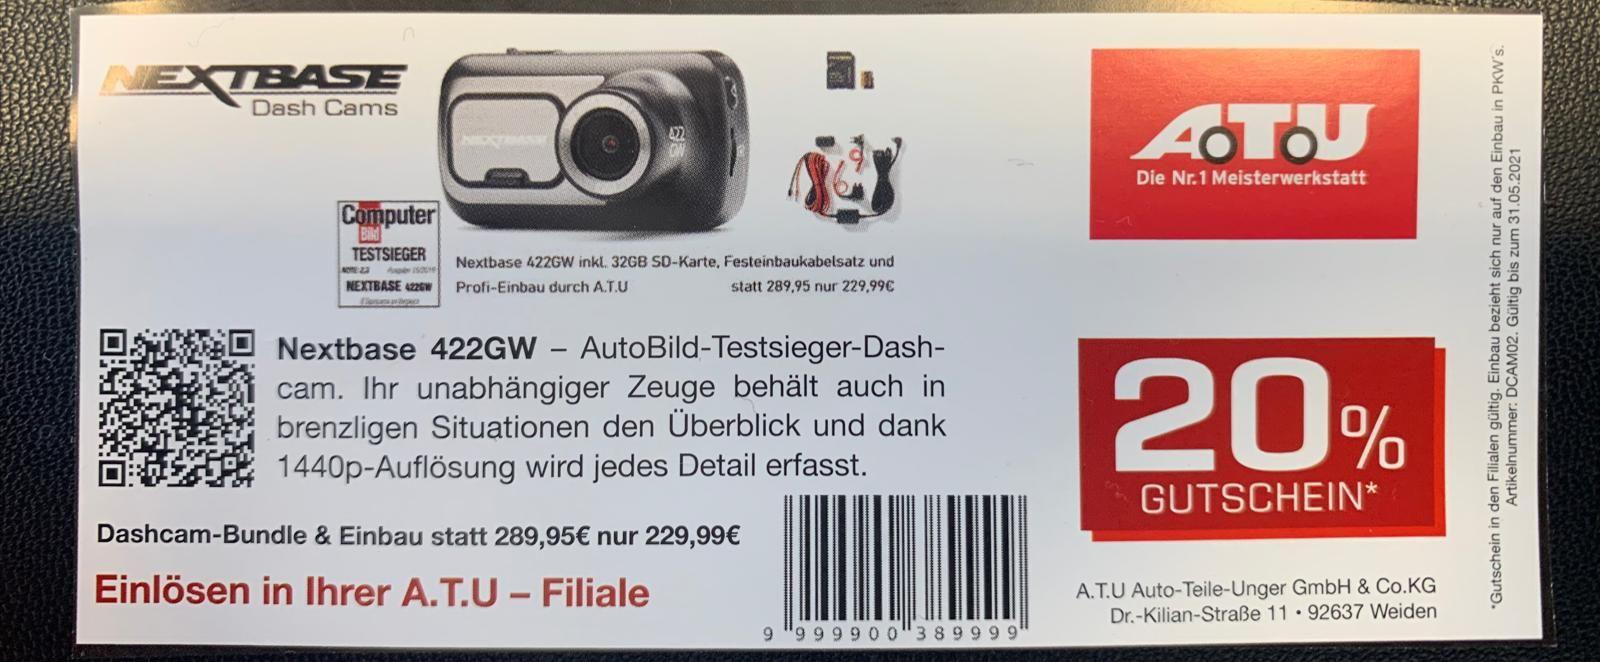 Nextbase 422GW Dashcam Bundle + Einbau bei A.T.U. (offline)